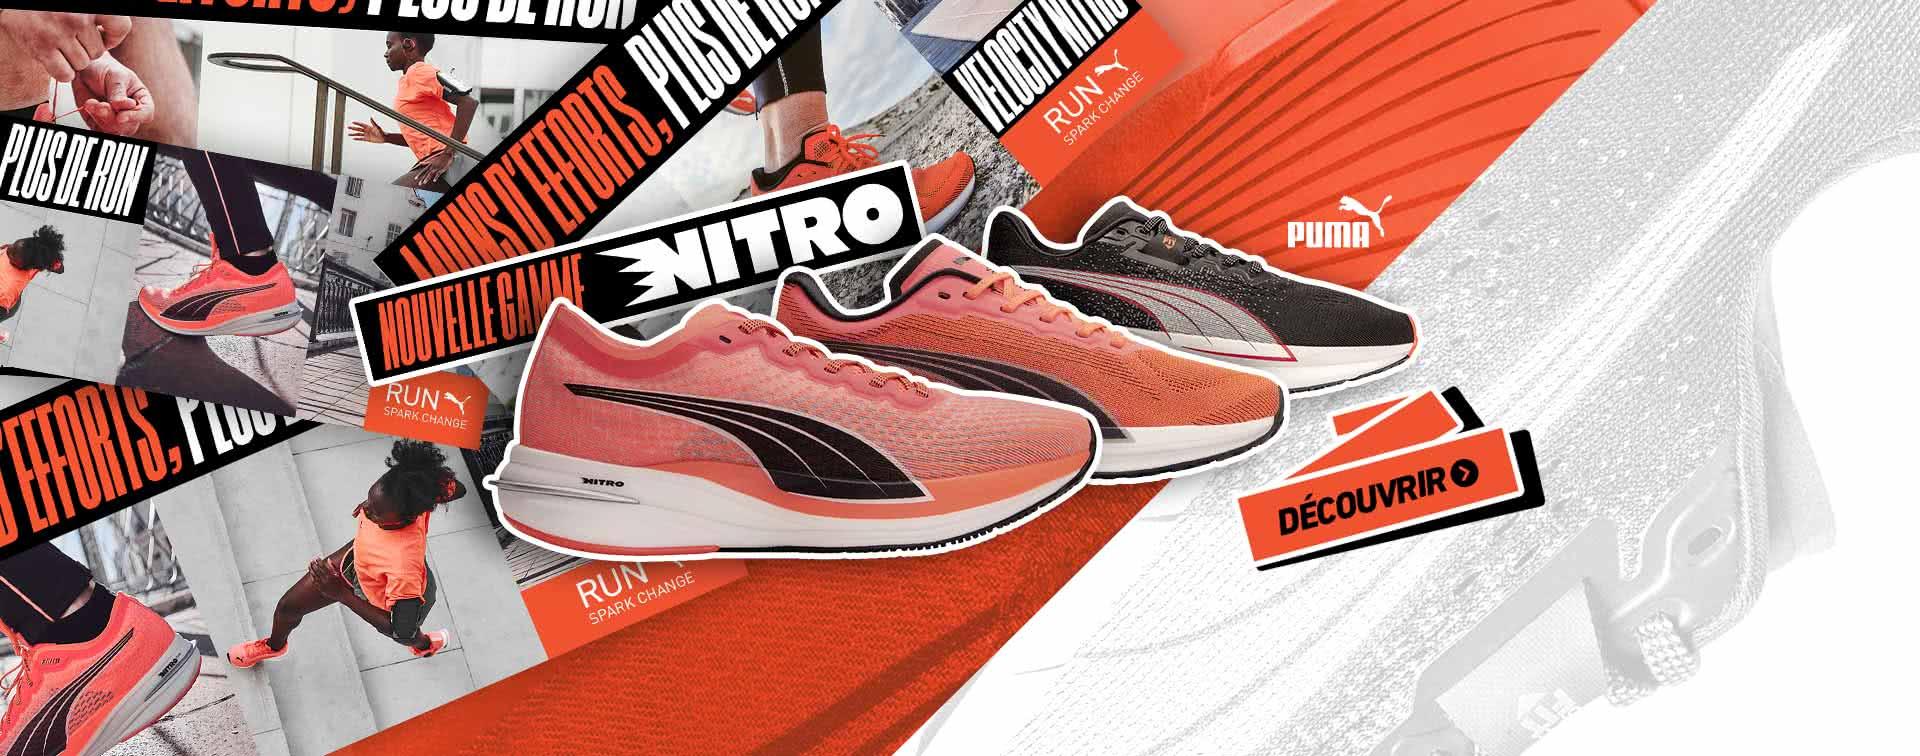 Nouvelle Gamme Puma Nitro